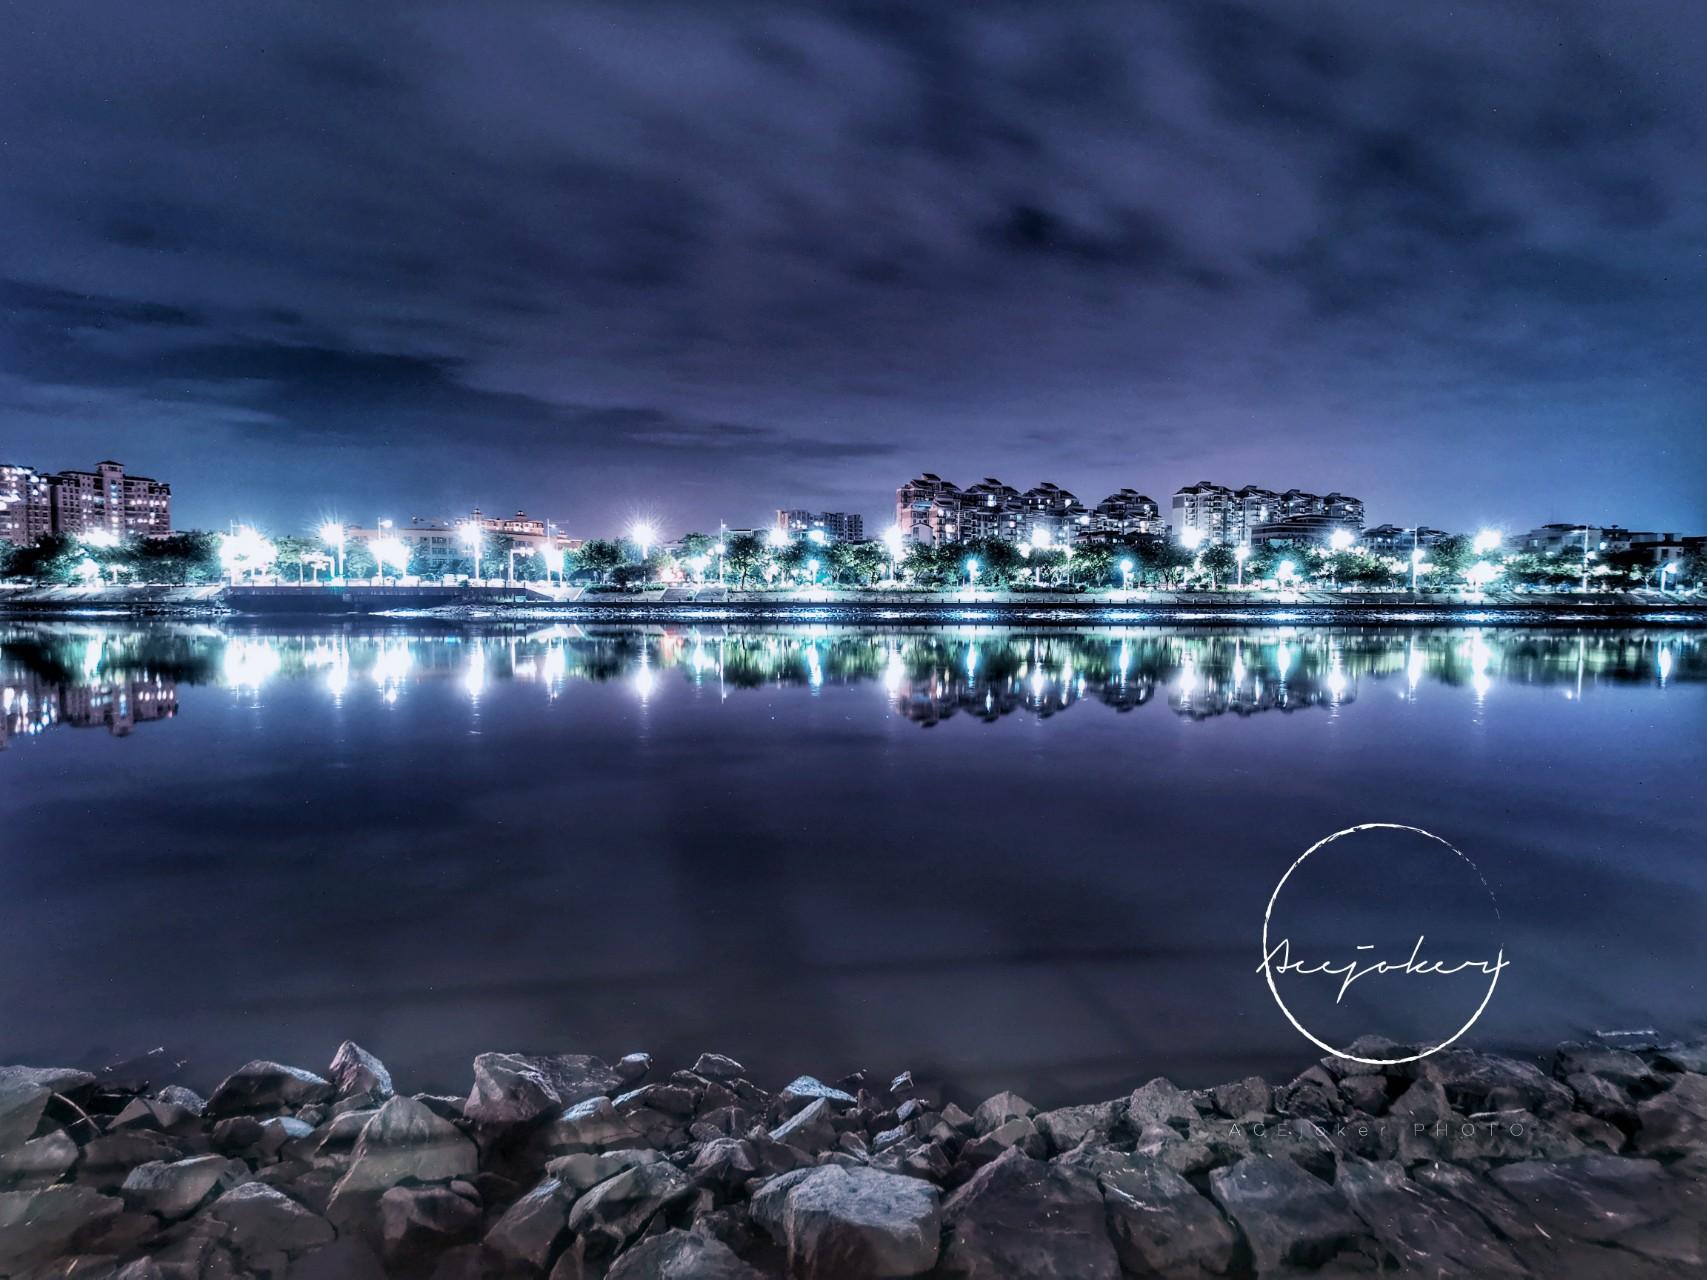 夜阑冰河.jpg